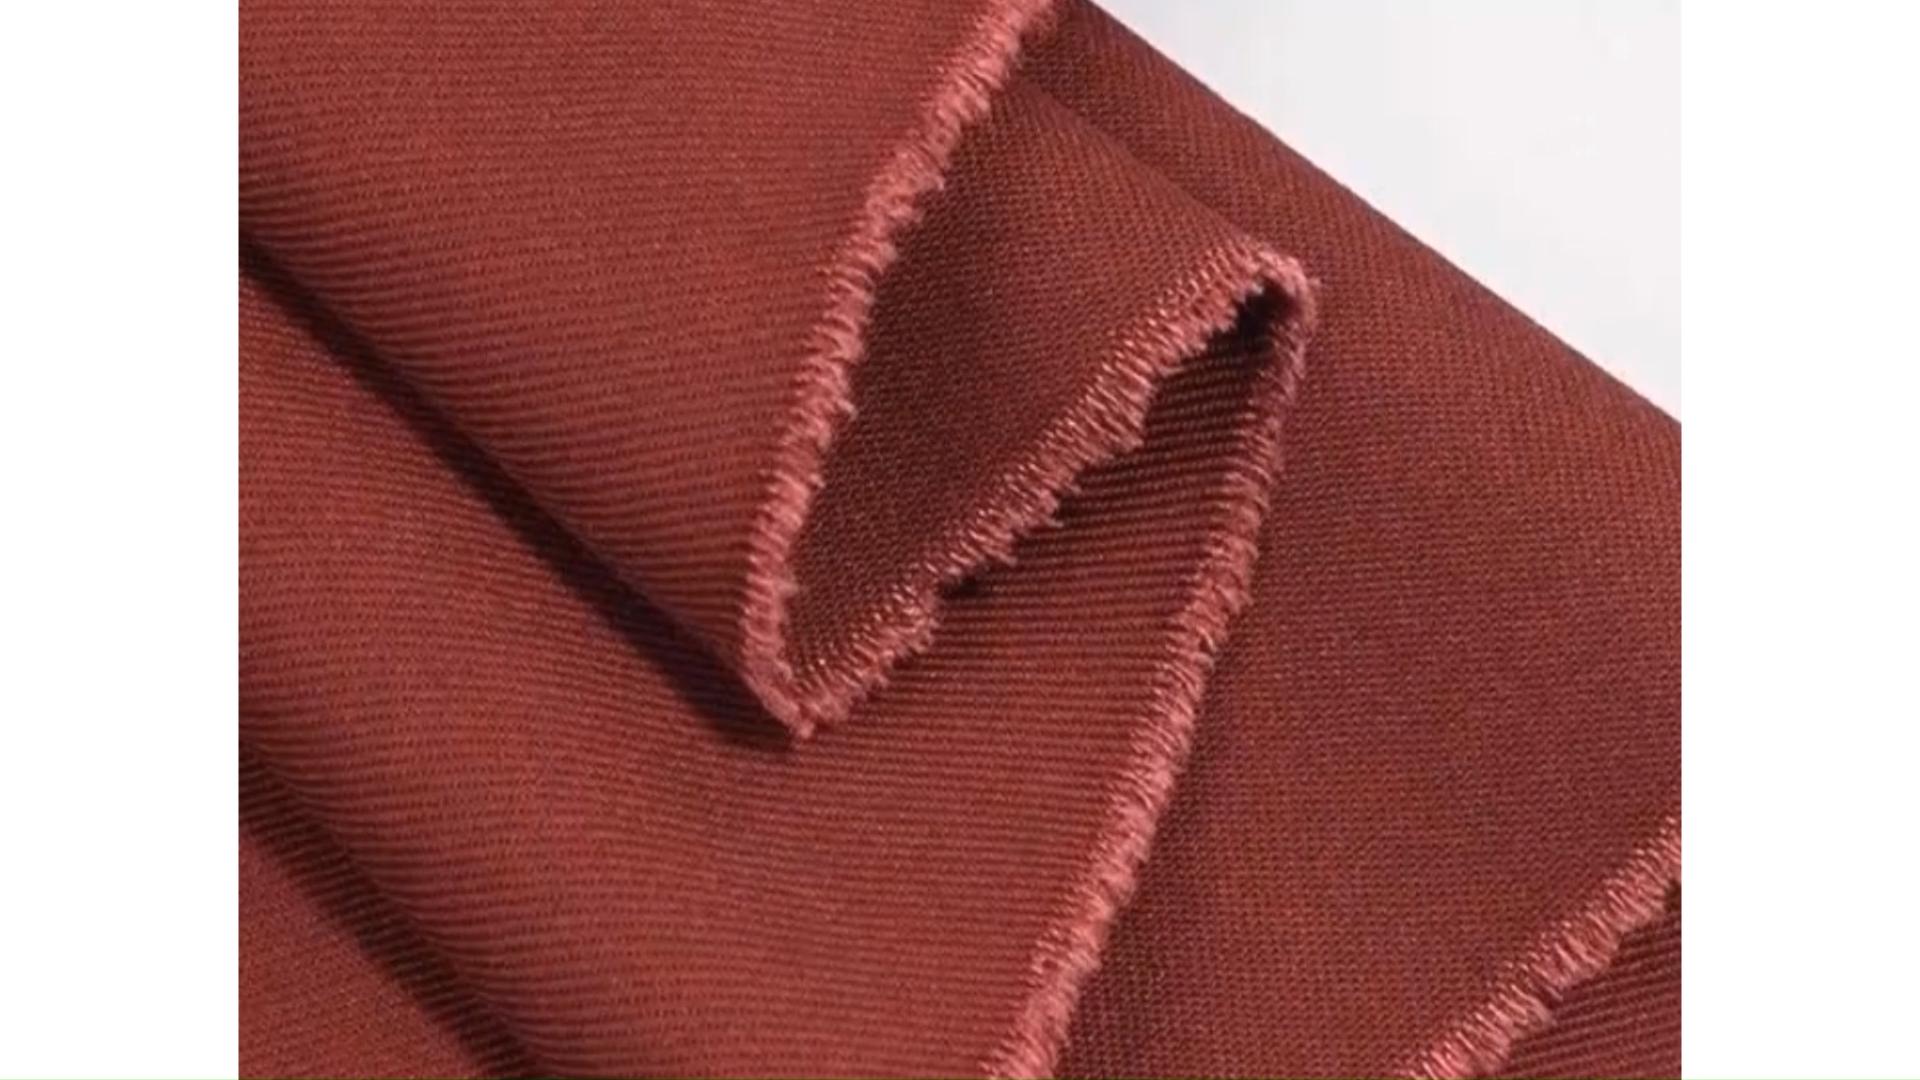 ราคาถูกสต็อกLotผ้าฝ้าย100% ผ้าทอWorkwearผ้า